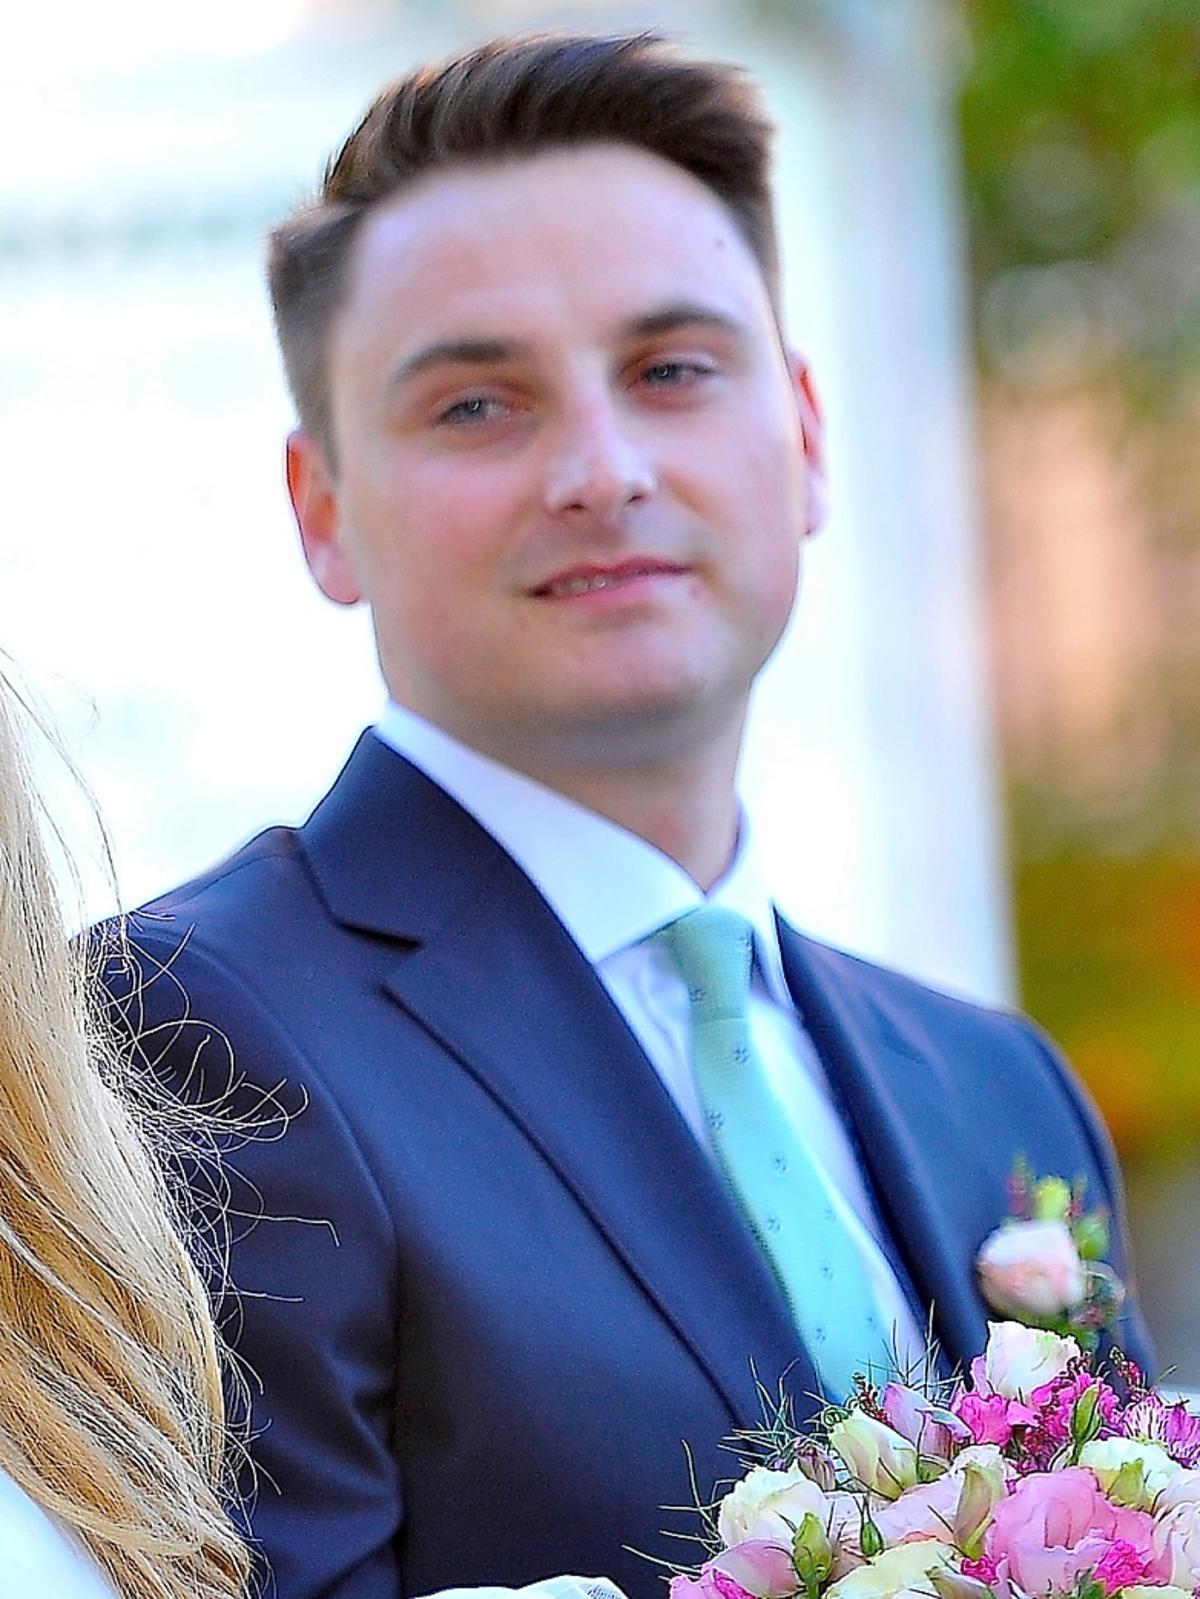 Ślub Rozalii Mancewicz i Marcina Jaworskiego. Zdjęcia ze ślubu Mancewicz. Mąż Mancewicz